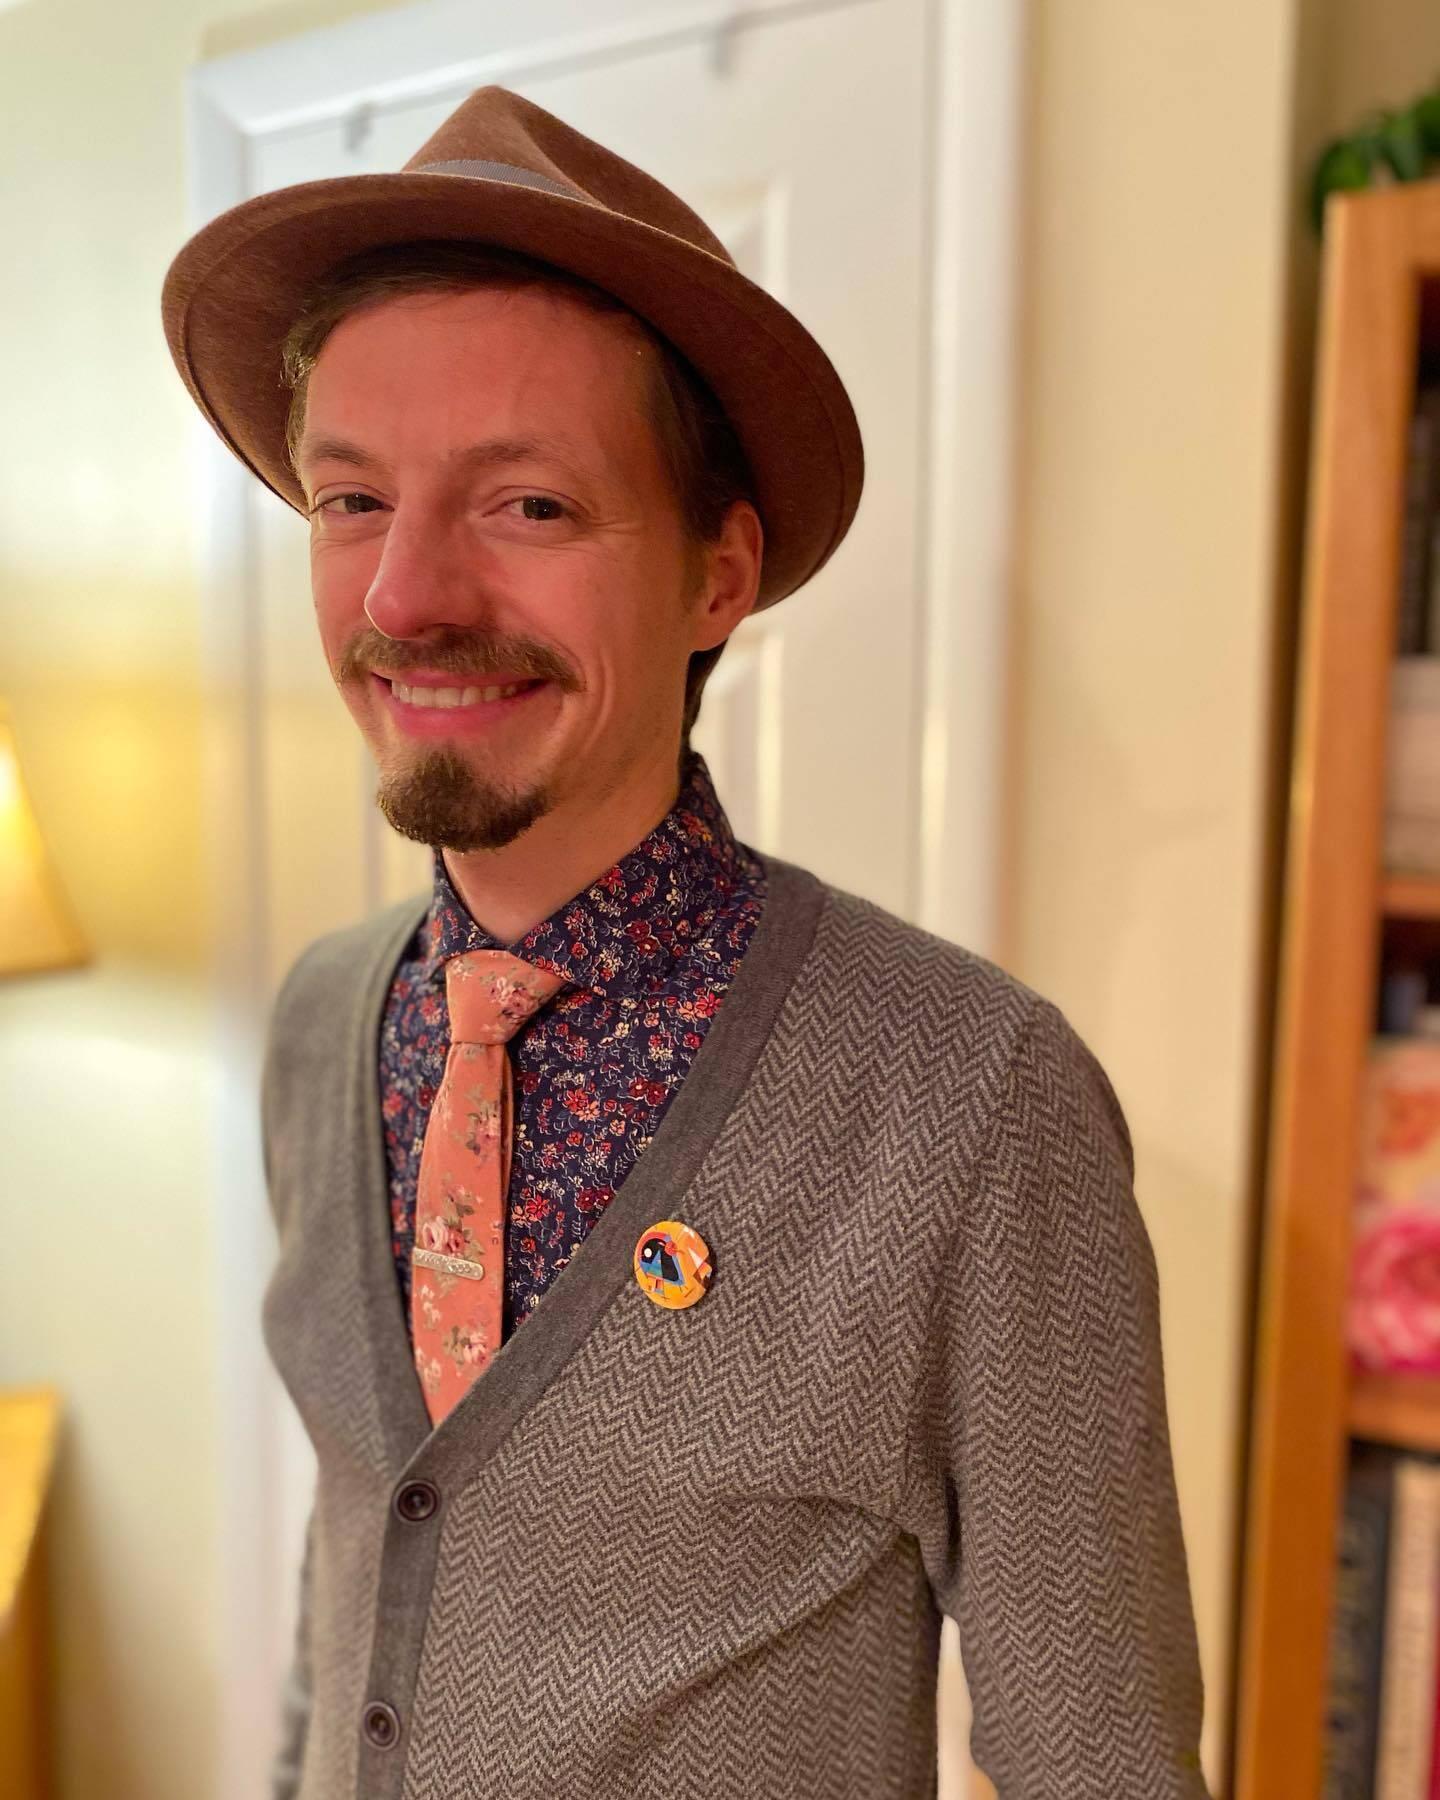 Eric Heveron-Smith portrait